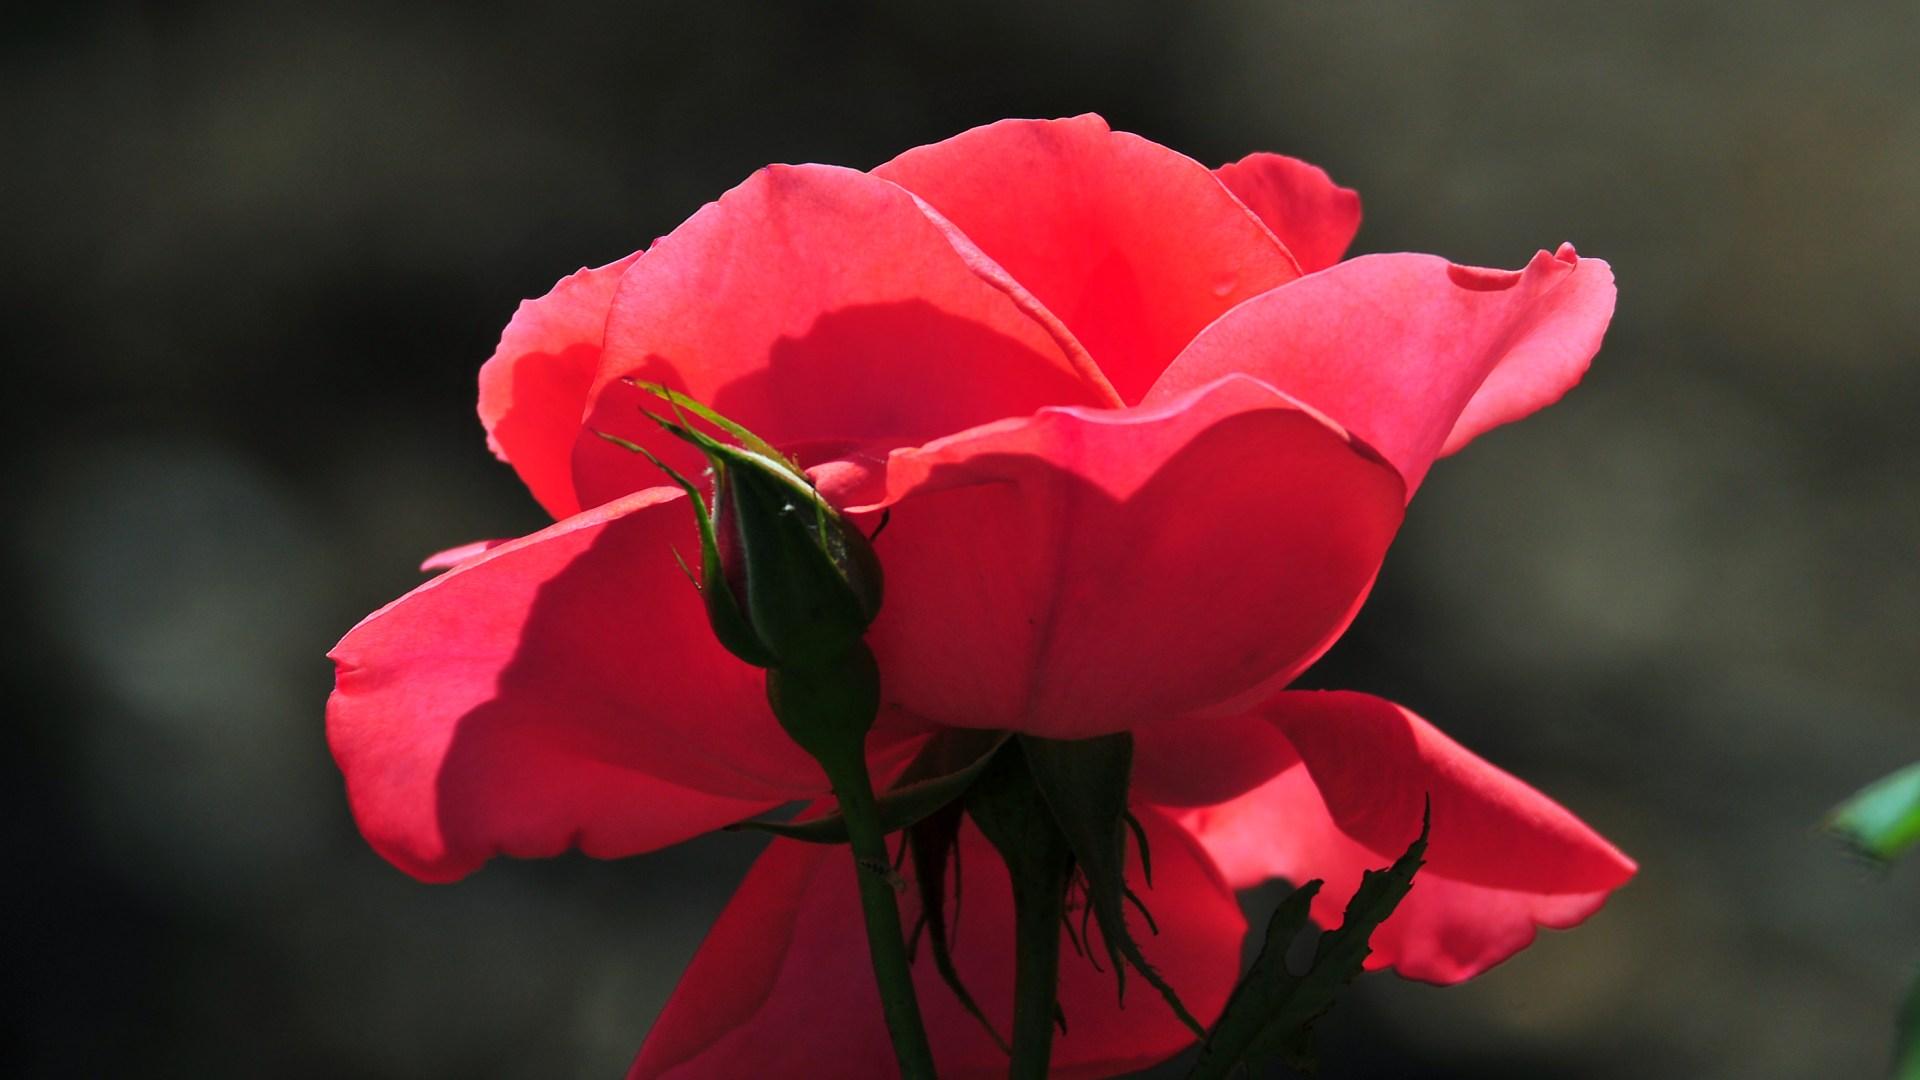 flower stunning A5